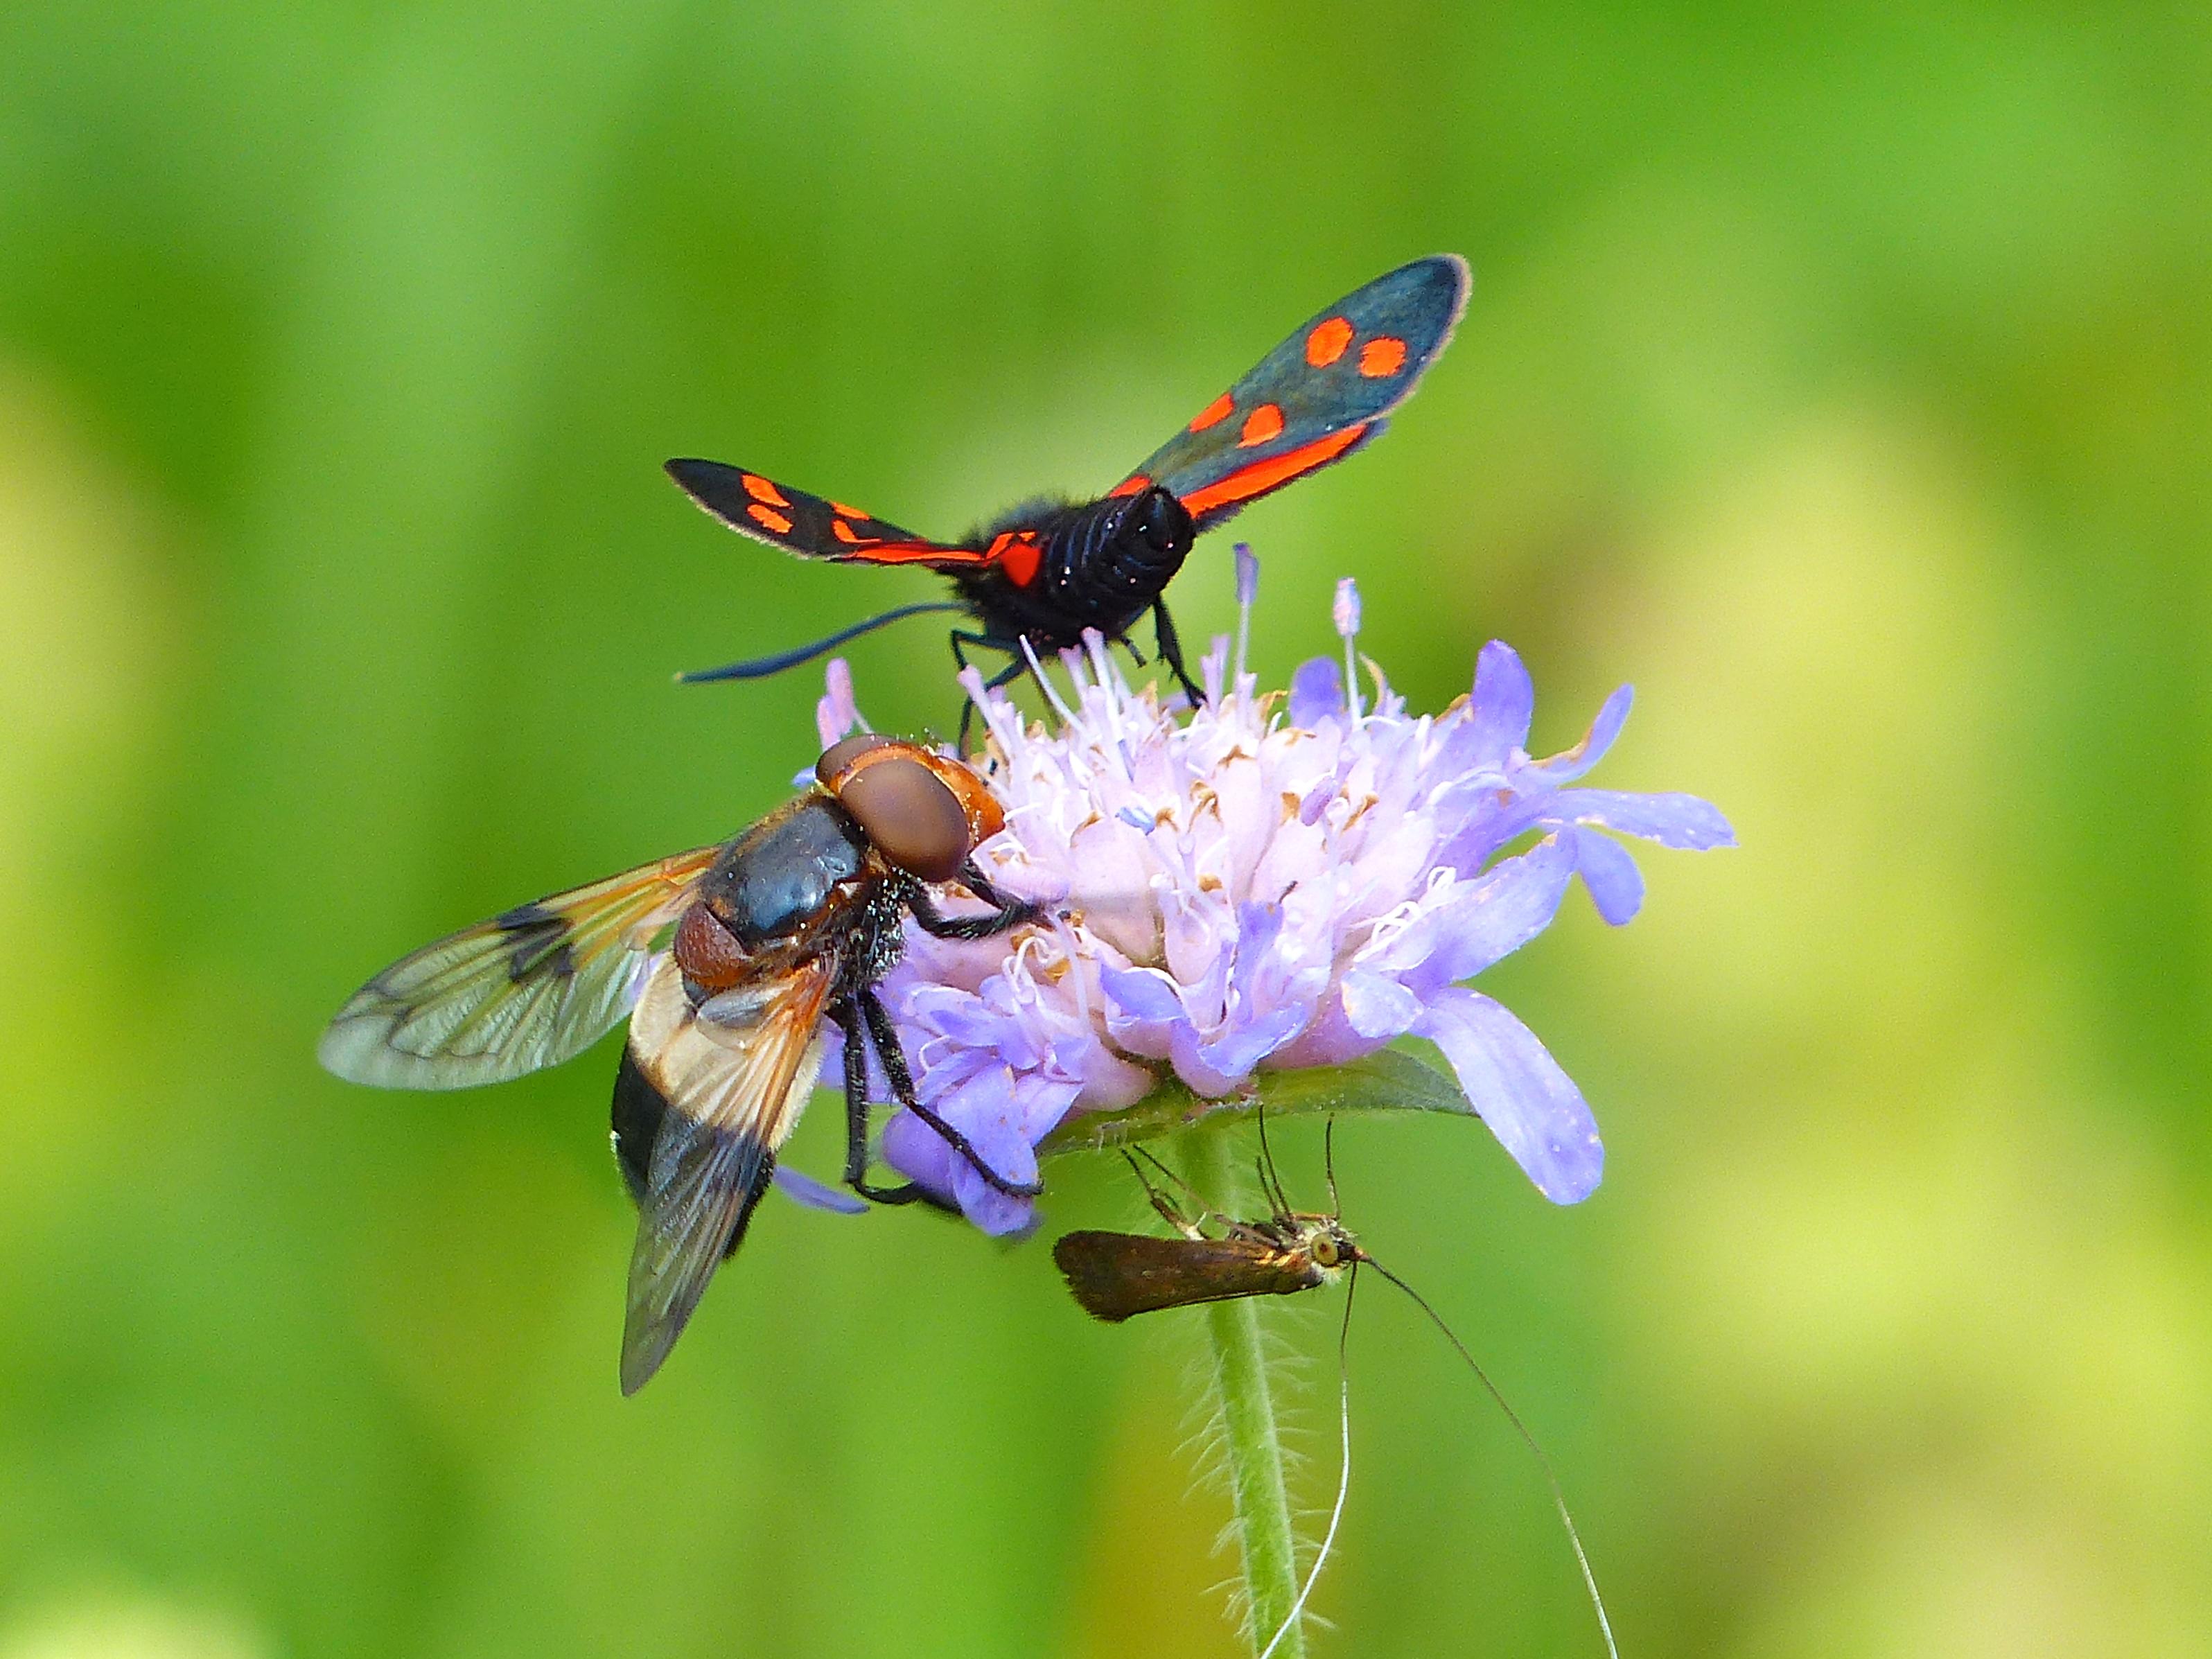 Bellas fotos macro de insectos hd 3192x2394 imagenes - Insectos en casa fotos ...